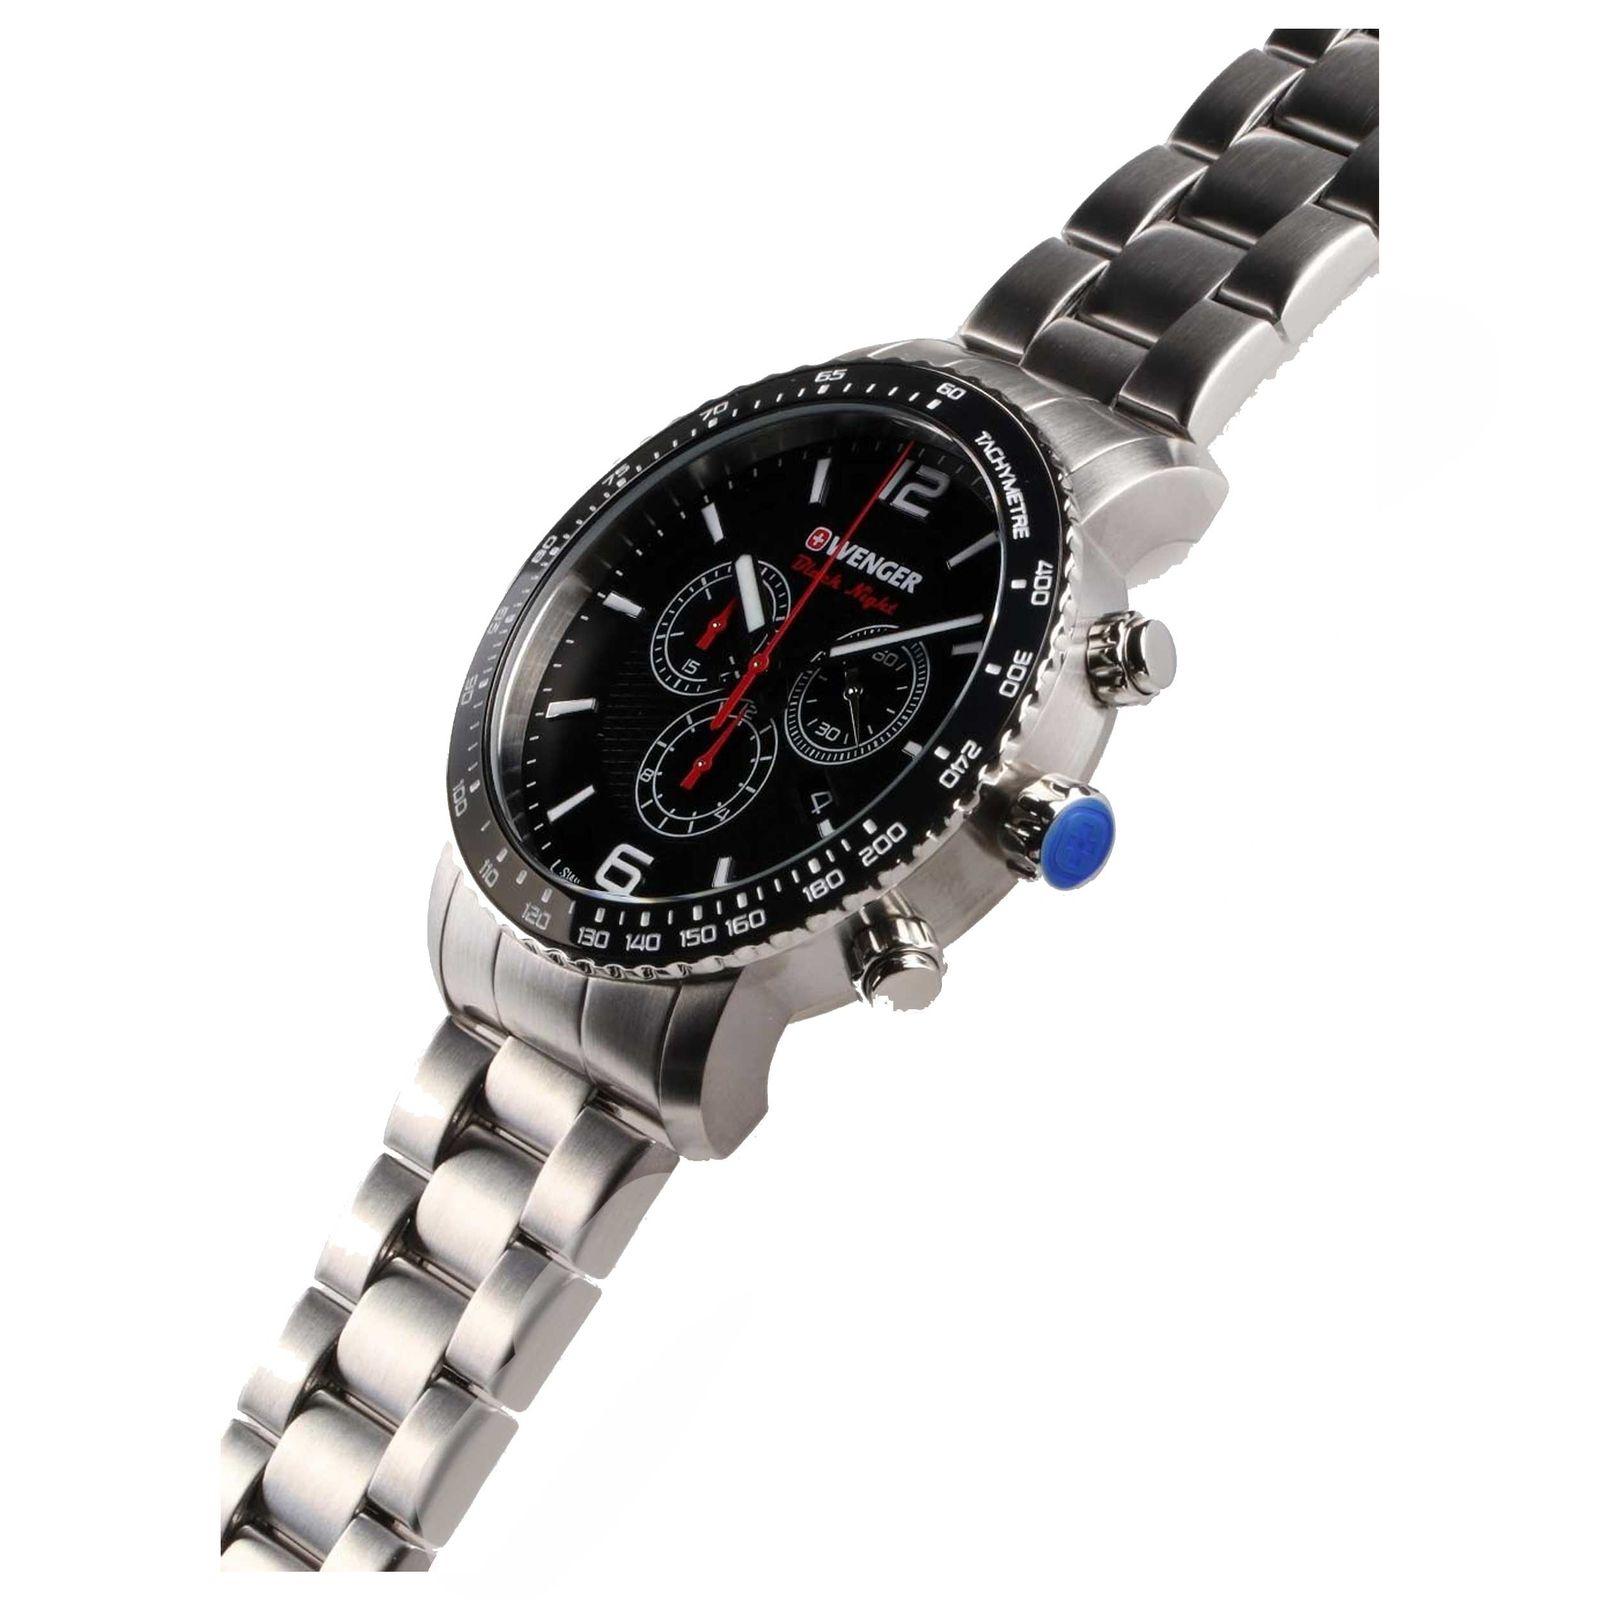 ساعت مچی عقربه ای مردانه ونگر مدل 01.1843.103 -  - 3